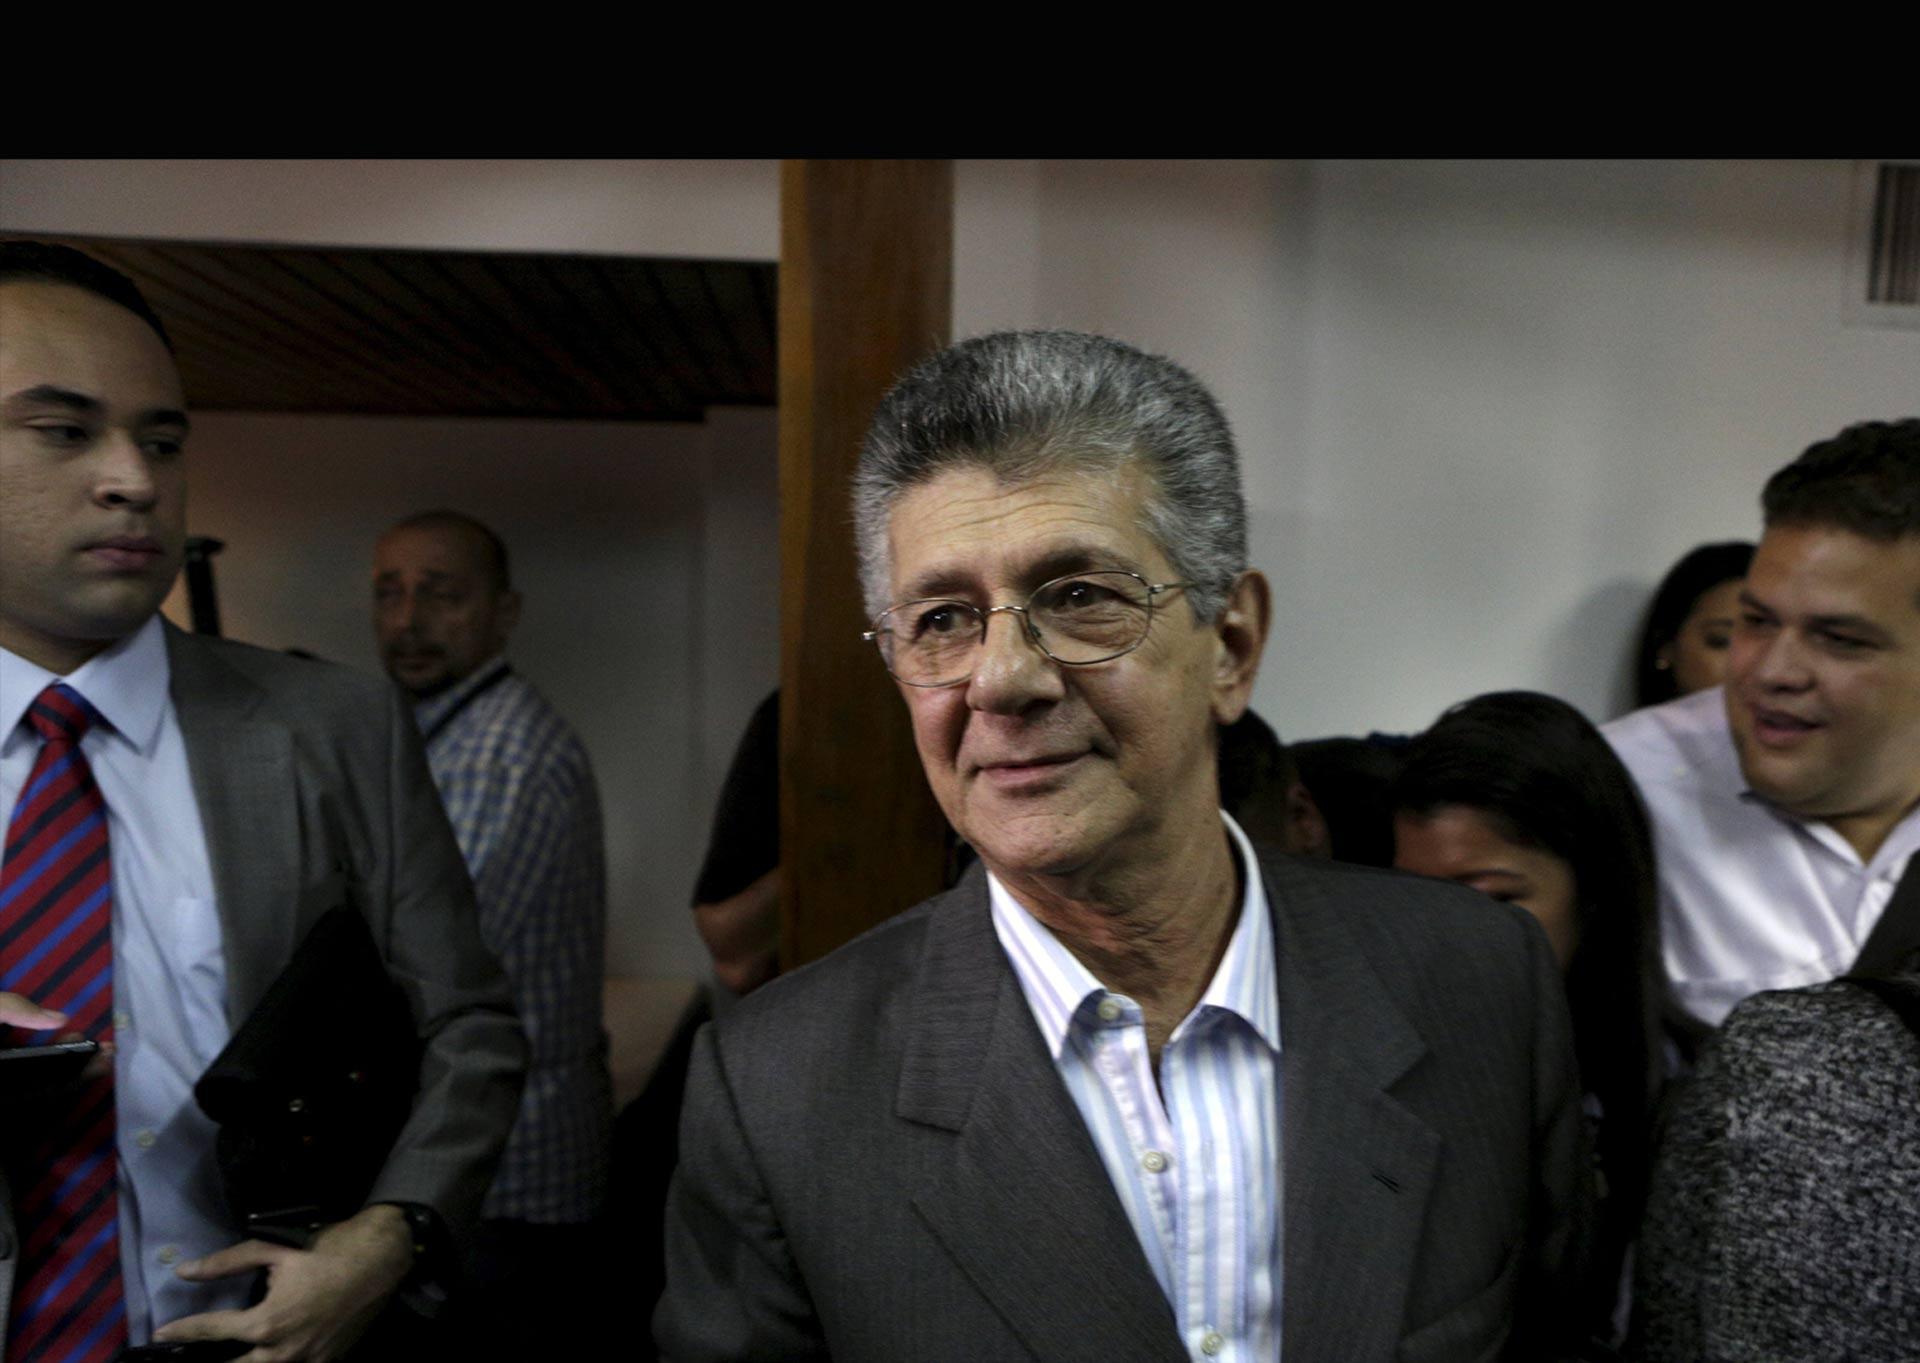 El órgano legislativo venezolano tiene un nuevo mandatario a cargo: Henry Ramos Allup